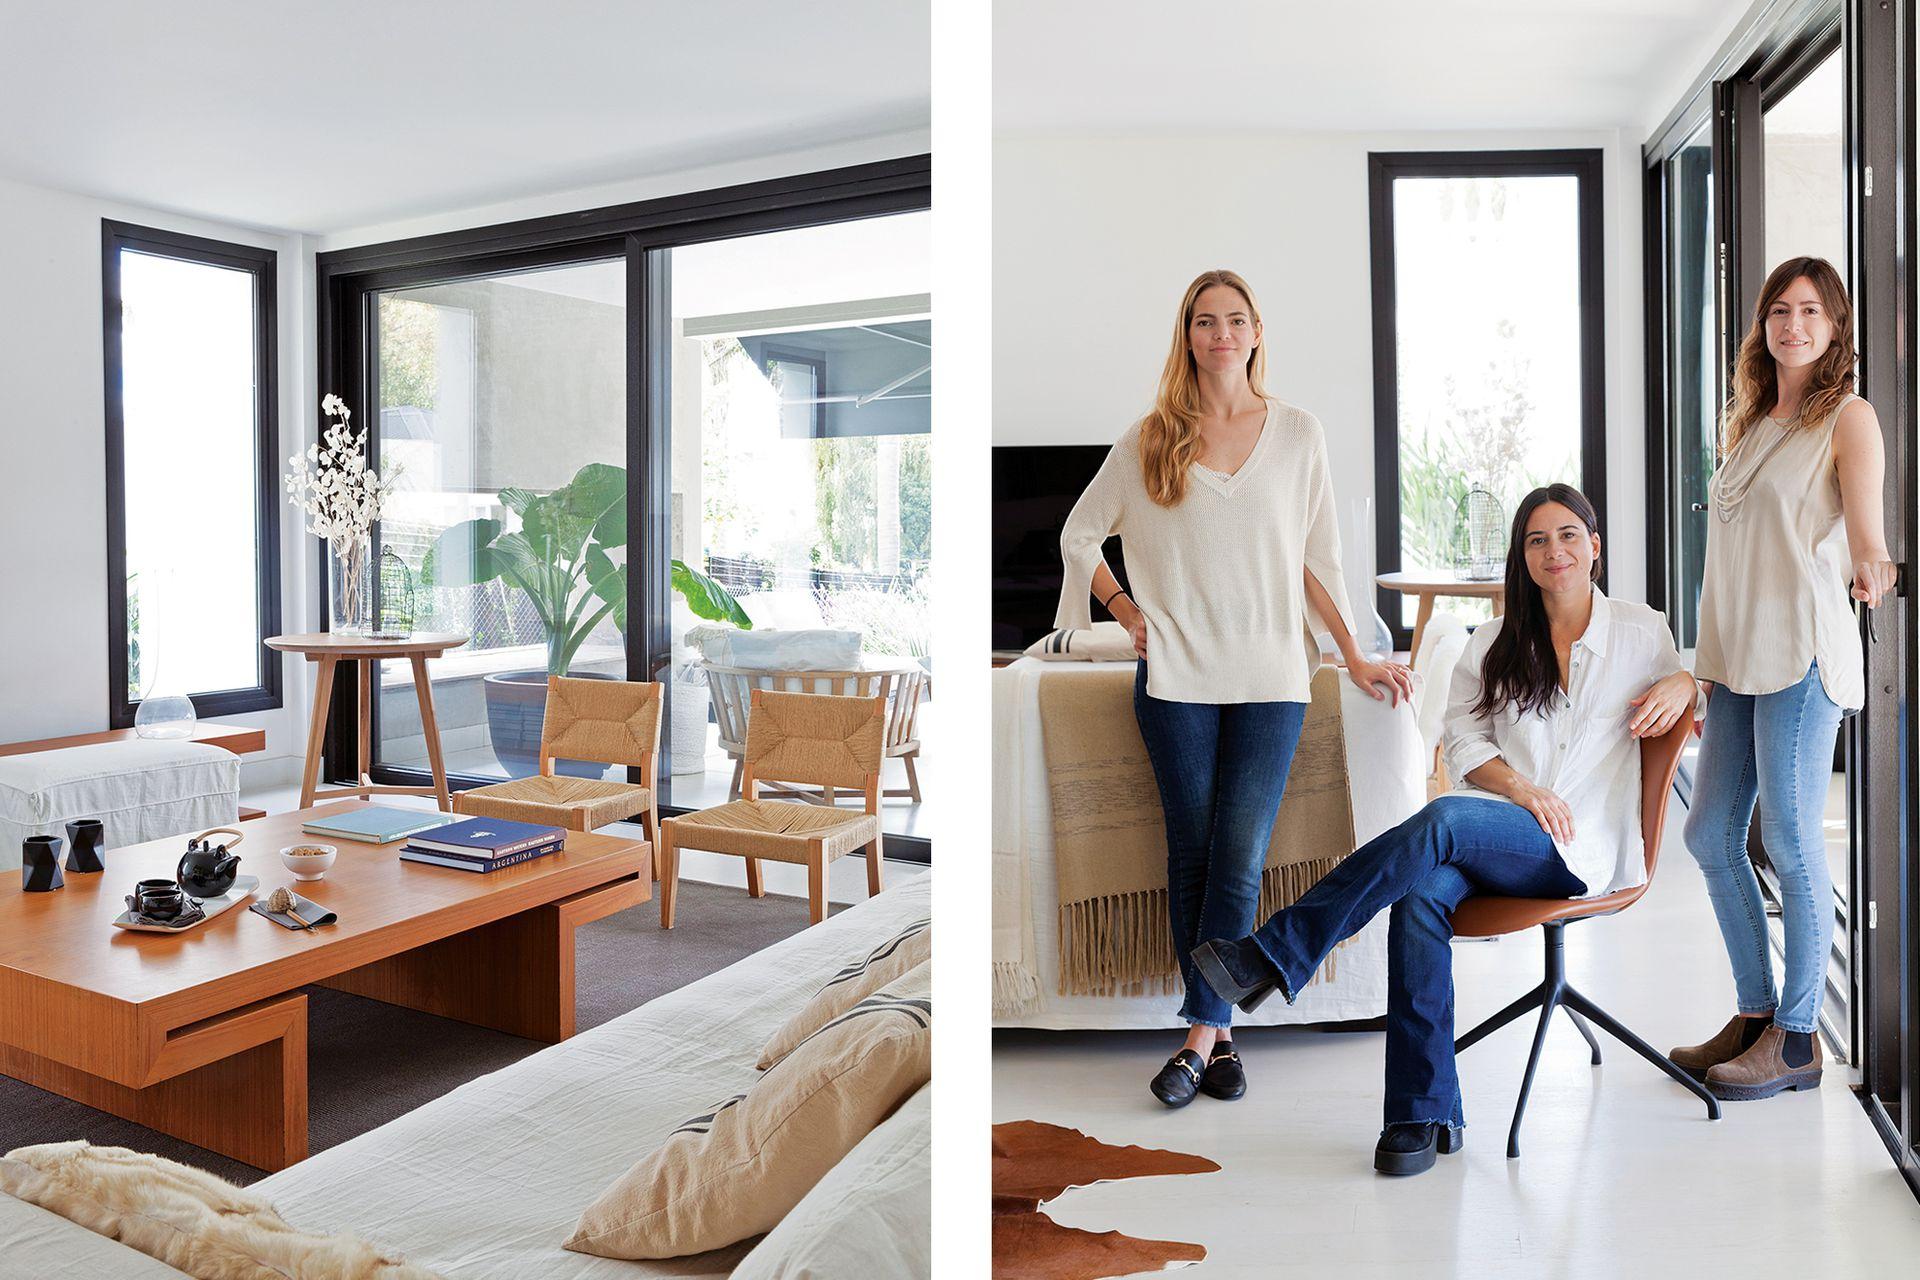 Junto al sillón tapizado en lino blanco de Pía Fradusco, las arquitectas Lucila Fernández Mosquera, Josefina Ceppi y Belén Anaya de Estudio TREA.